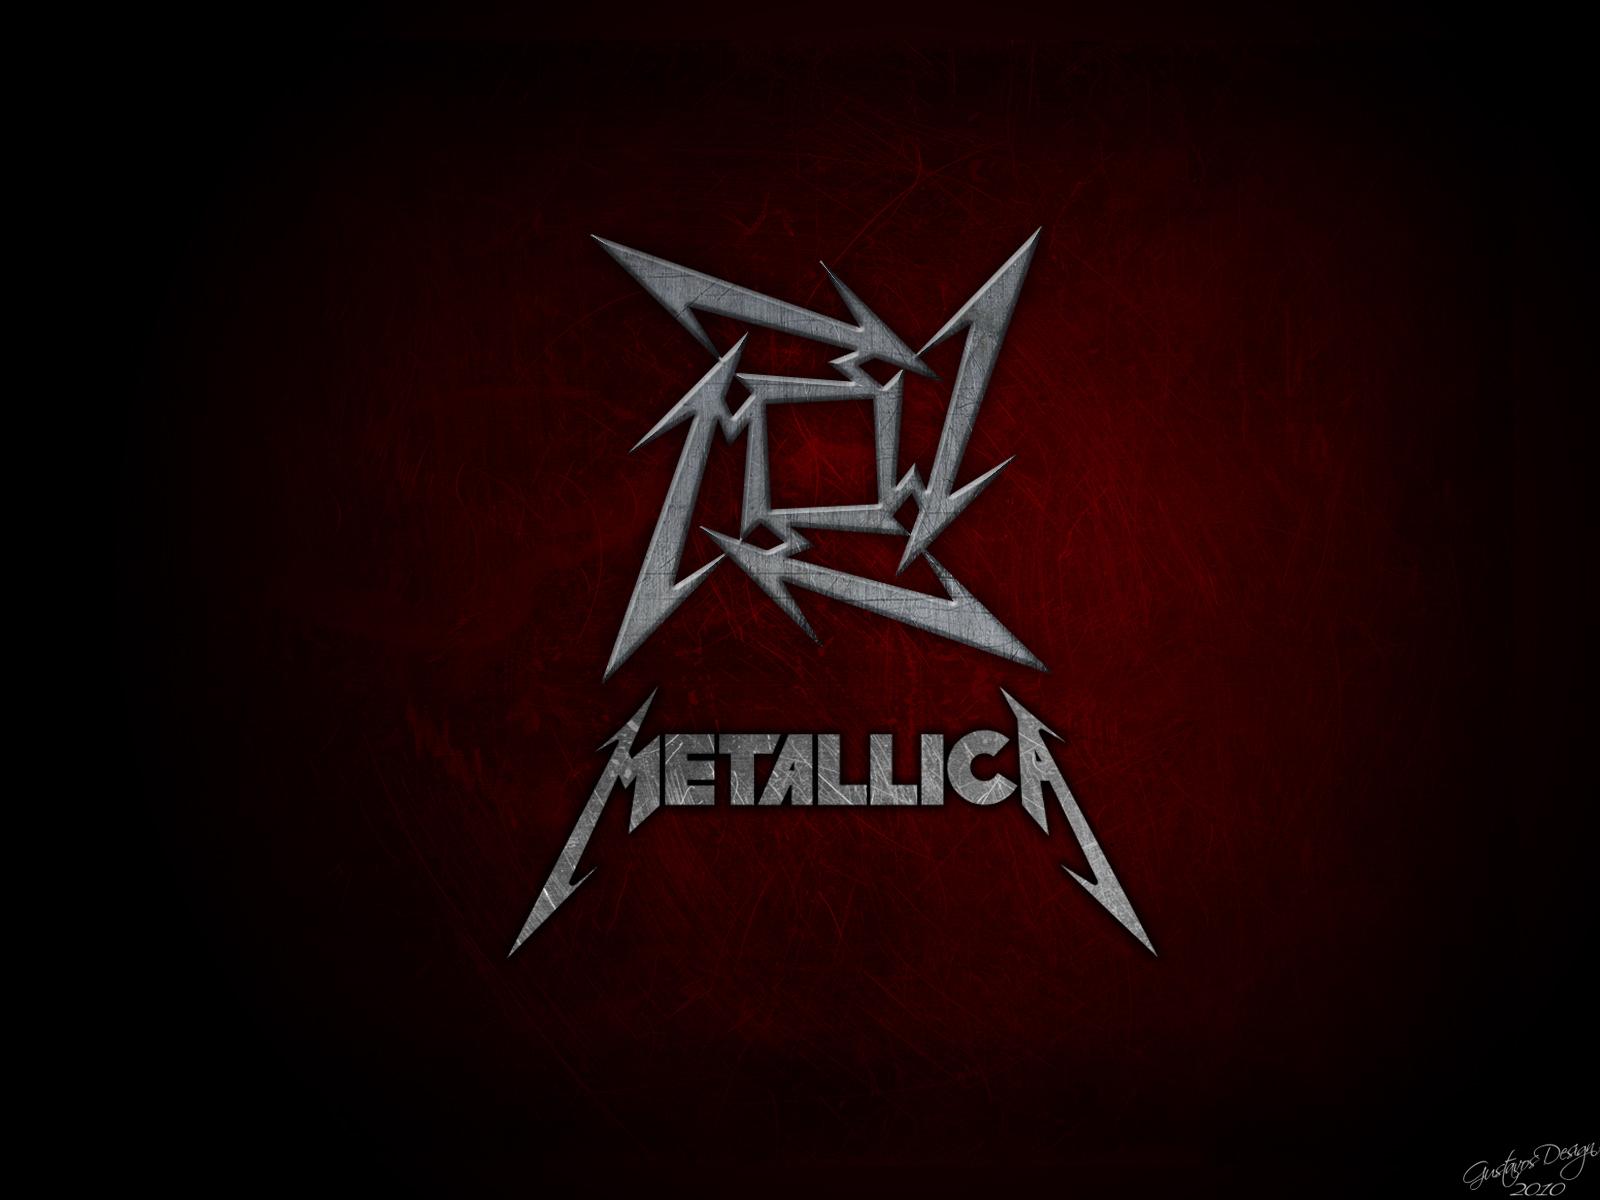 Metallica clipart high resolution.